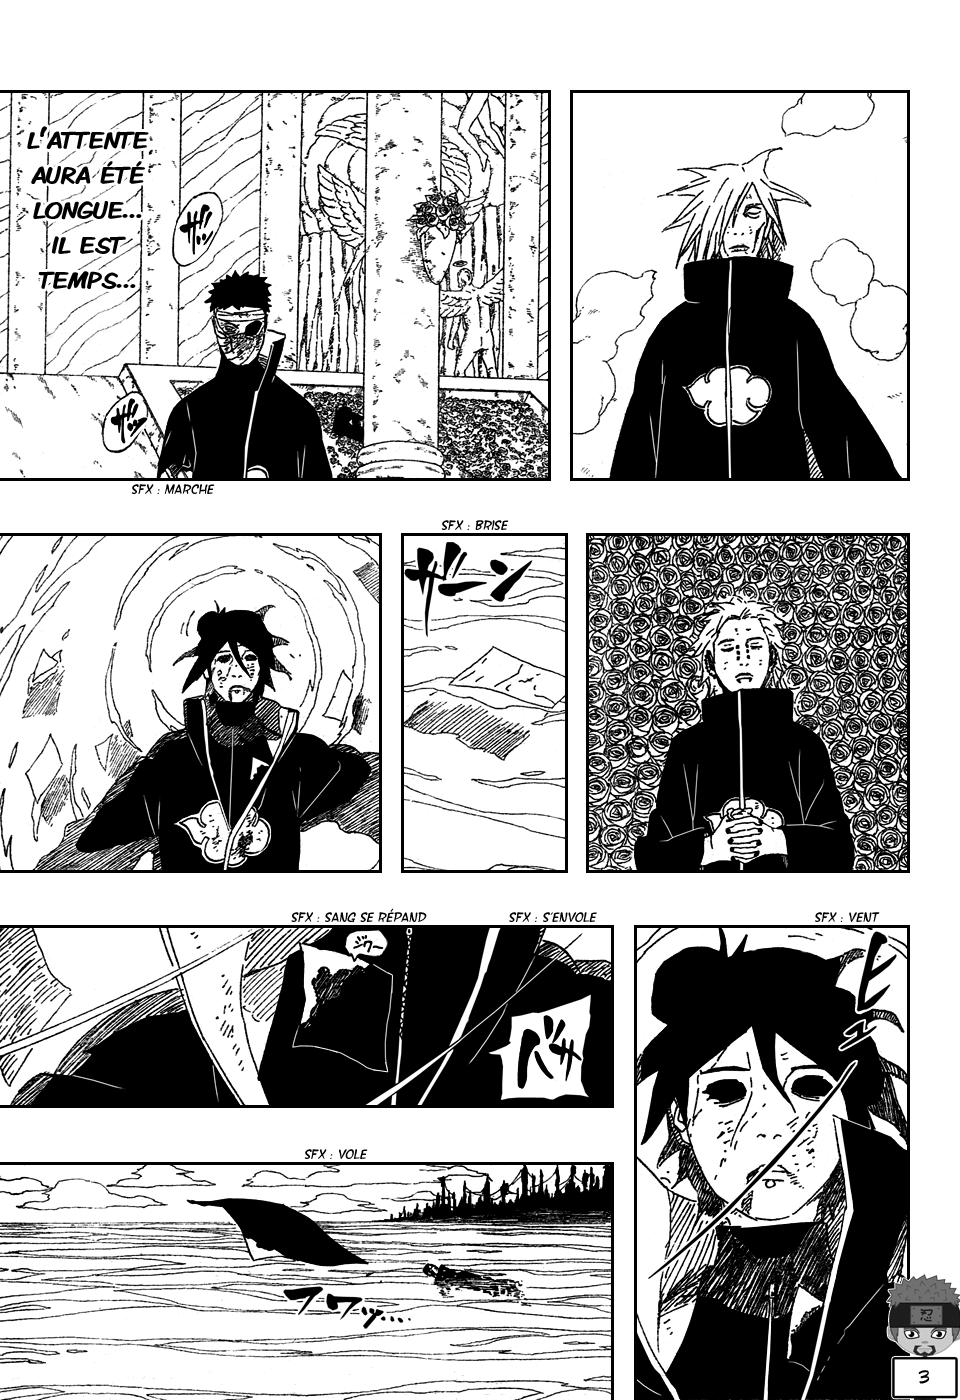 Naruto chapitre 511 - Page 3